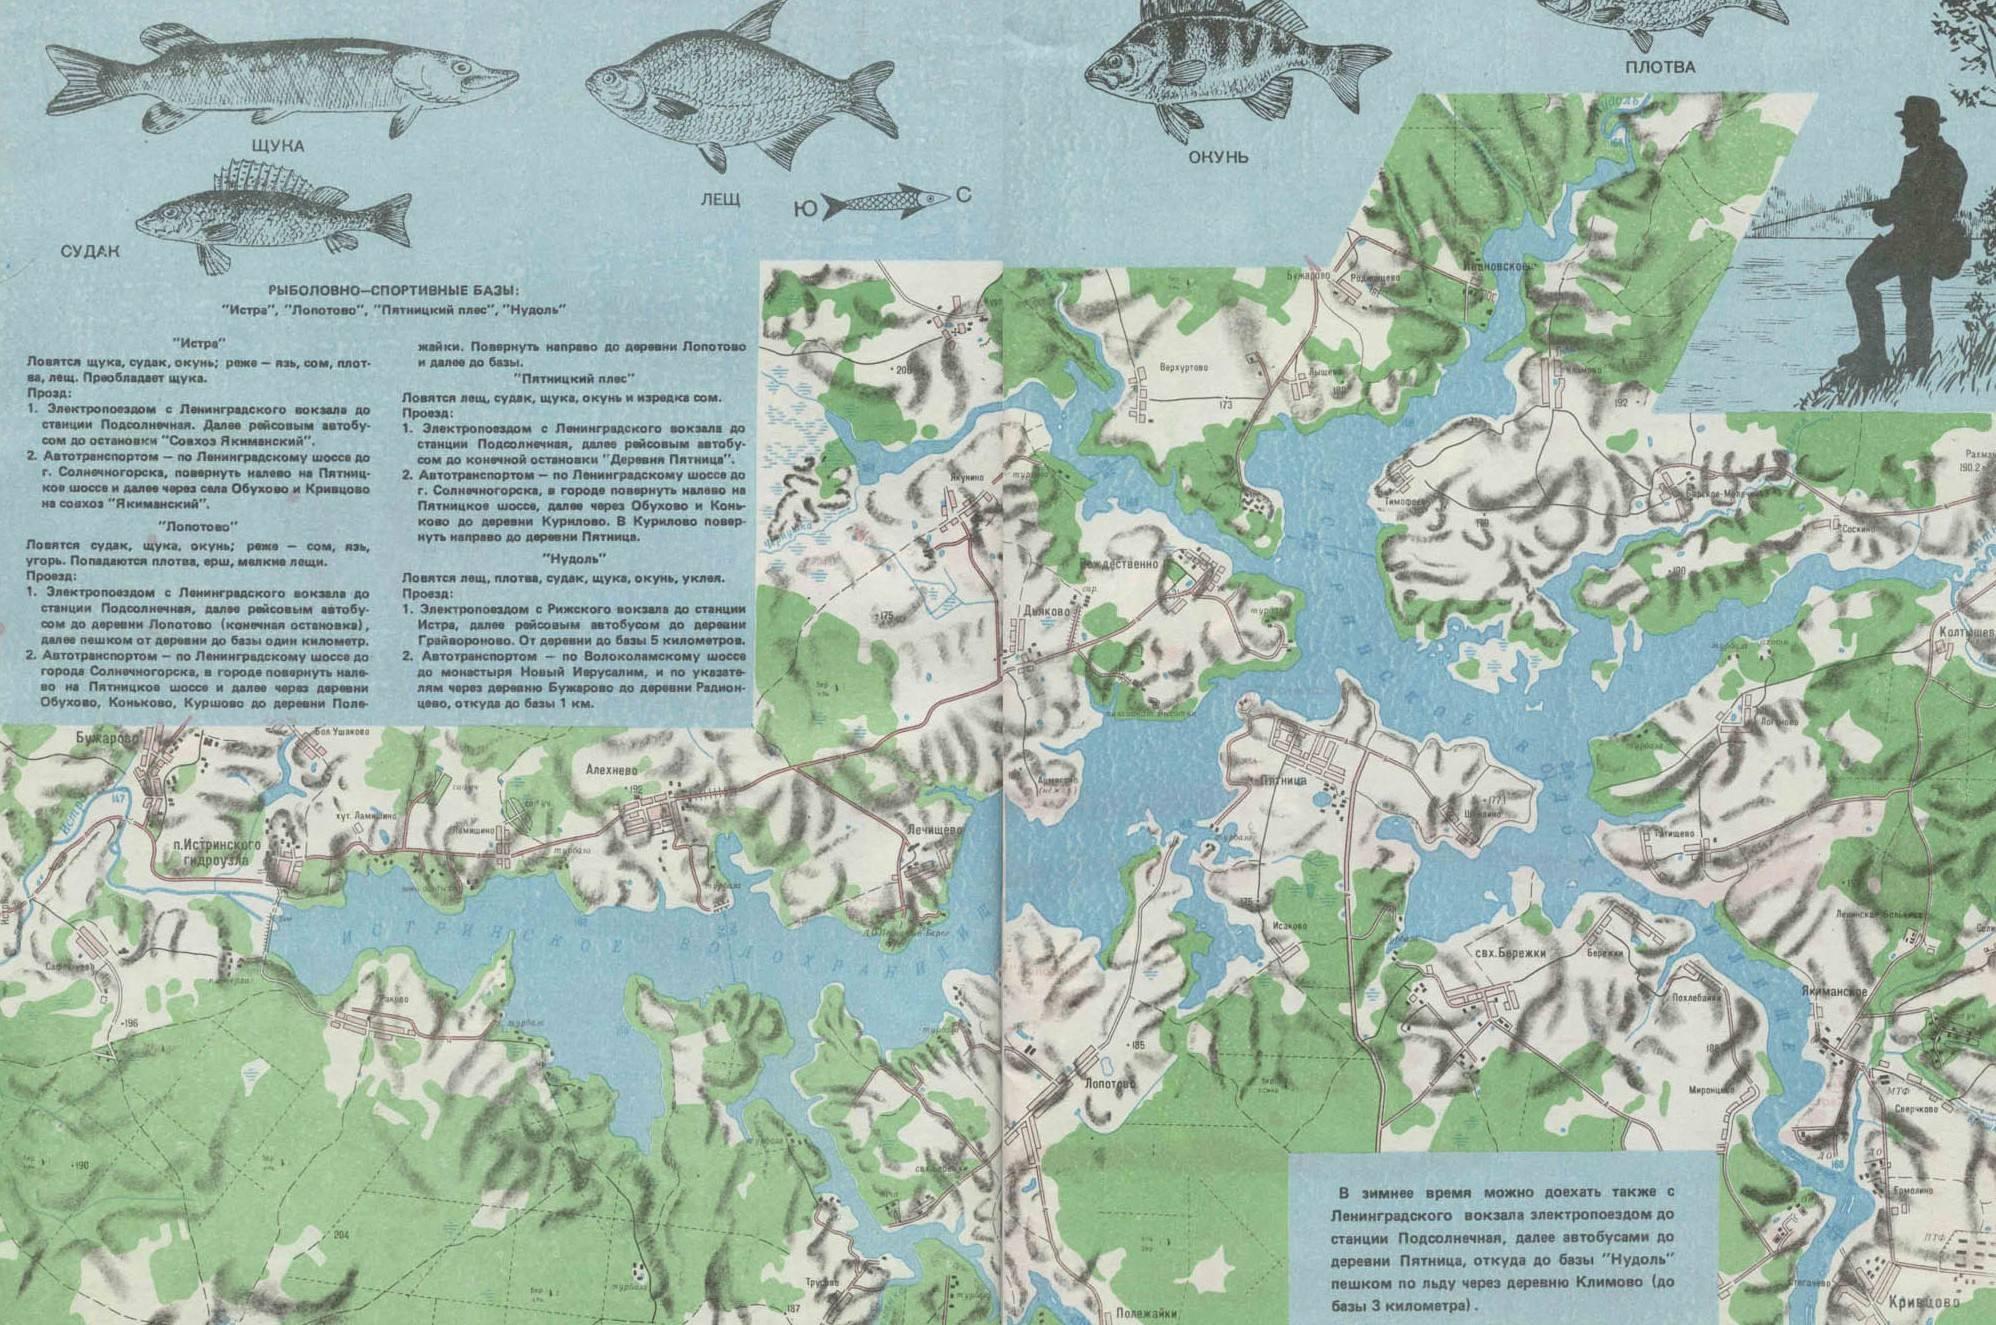 Рыбалка на рузском водохранилище - отчёты о рыбалке, обзор пойманных рыб